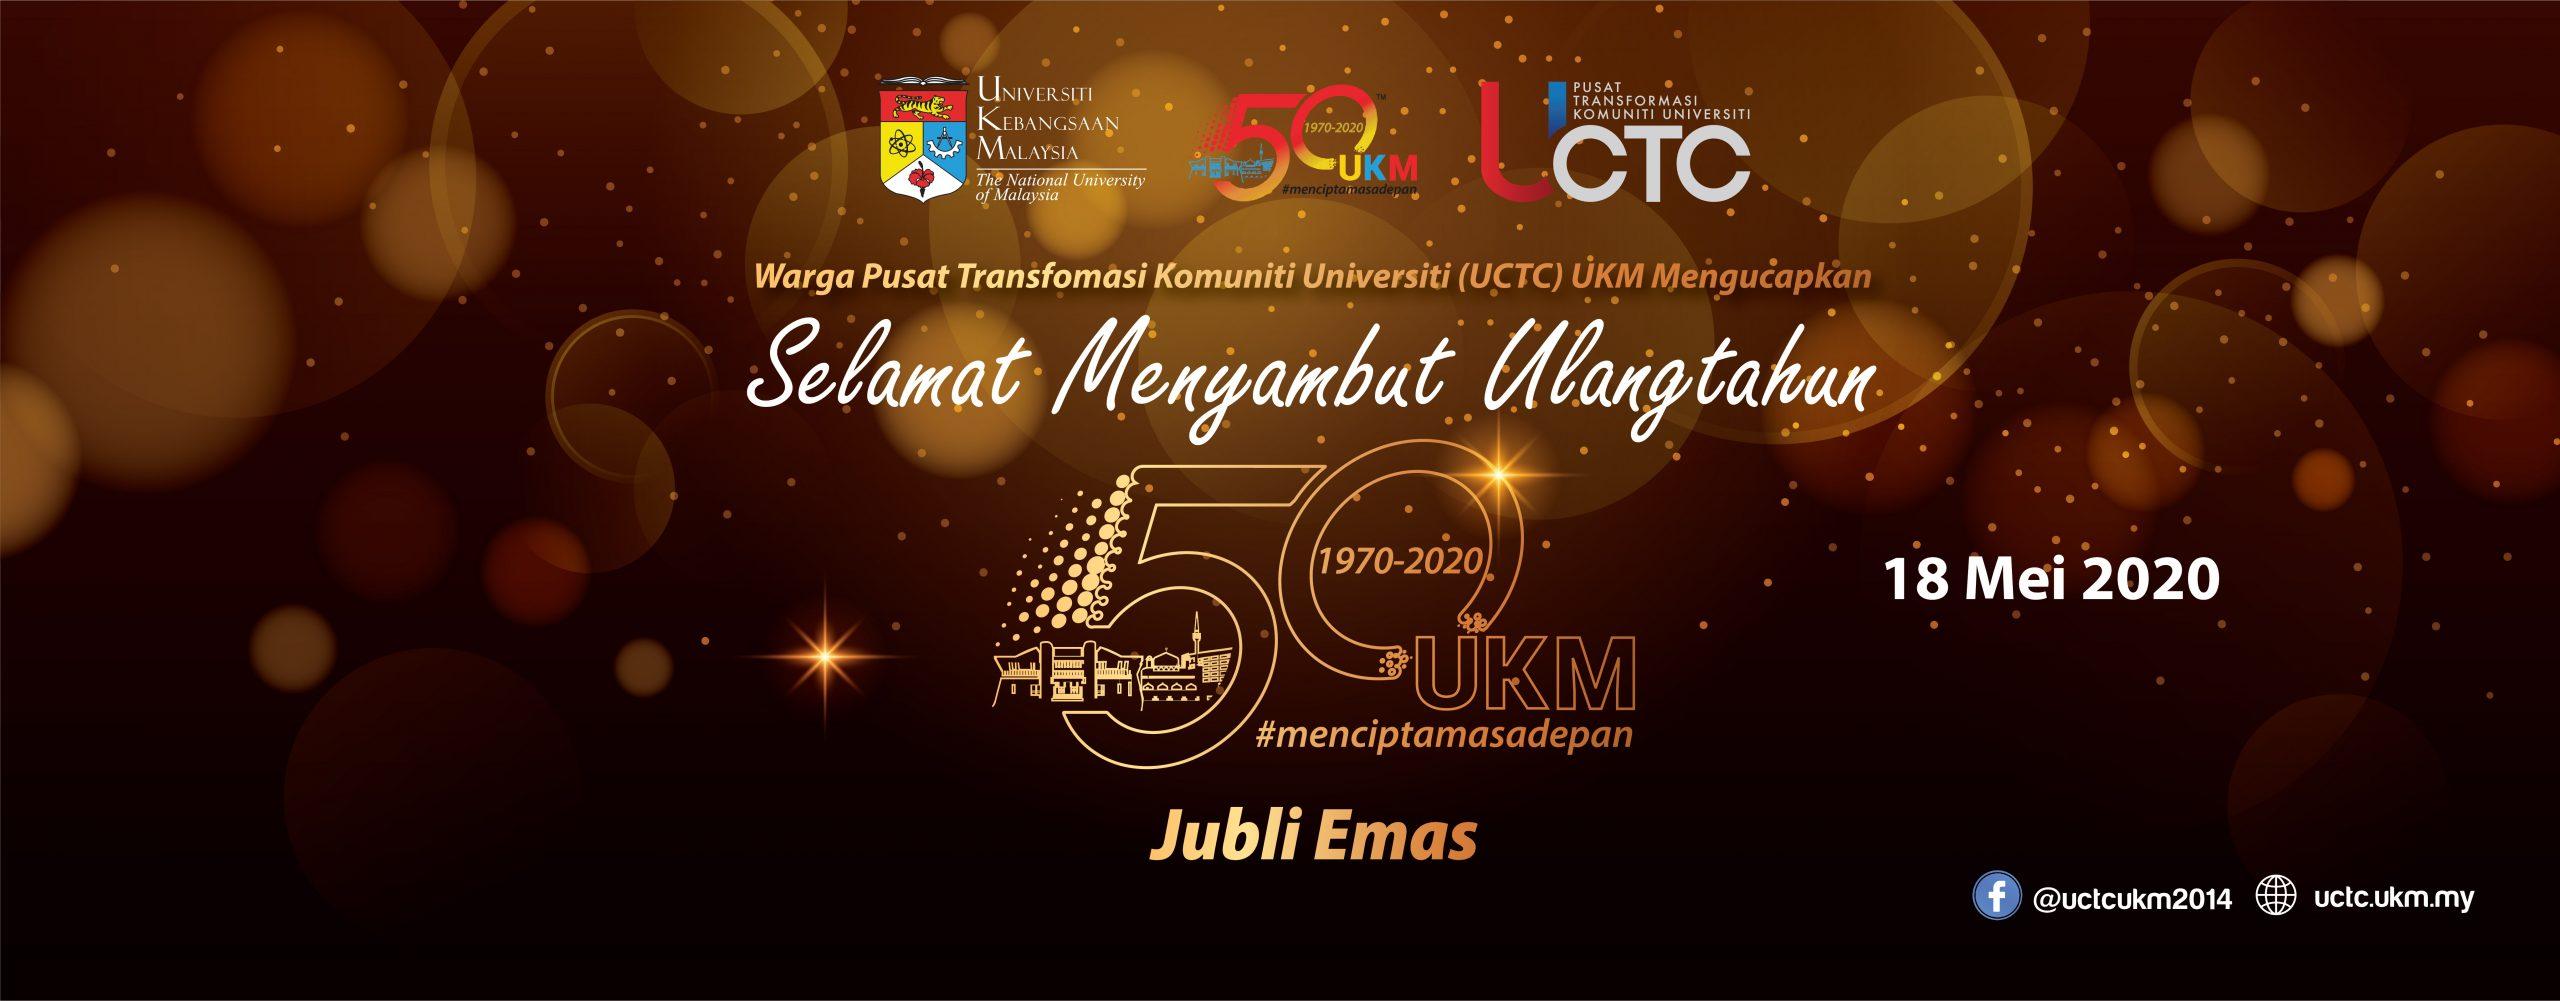 UKM 50th Anniversary